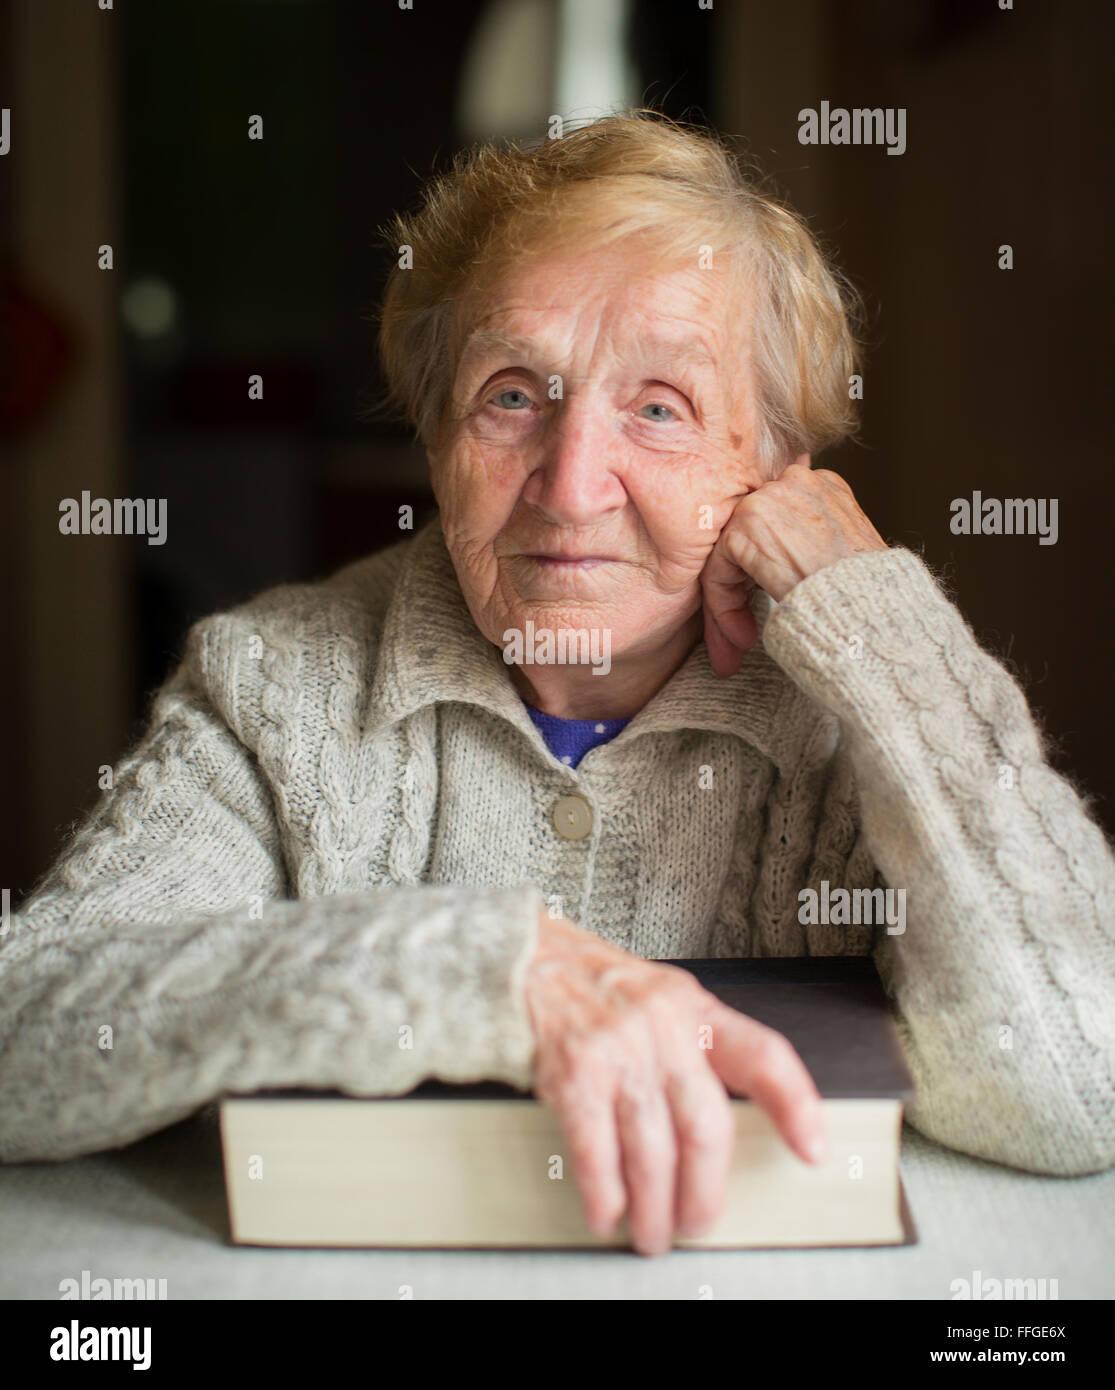 Retrato de anciana sentada con el libro. Imagen De Stock